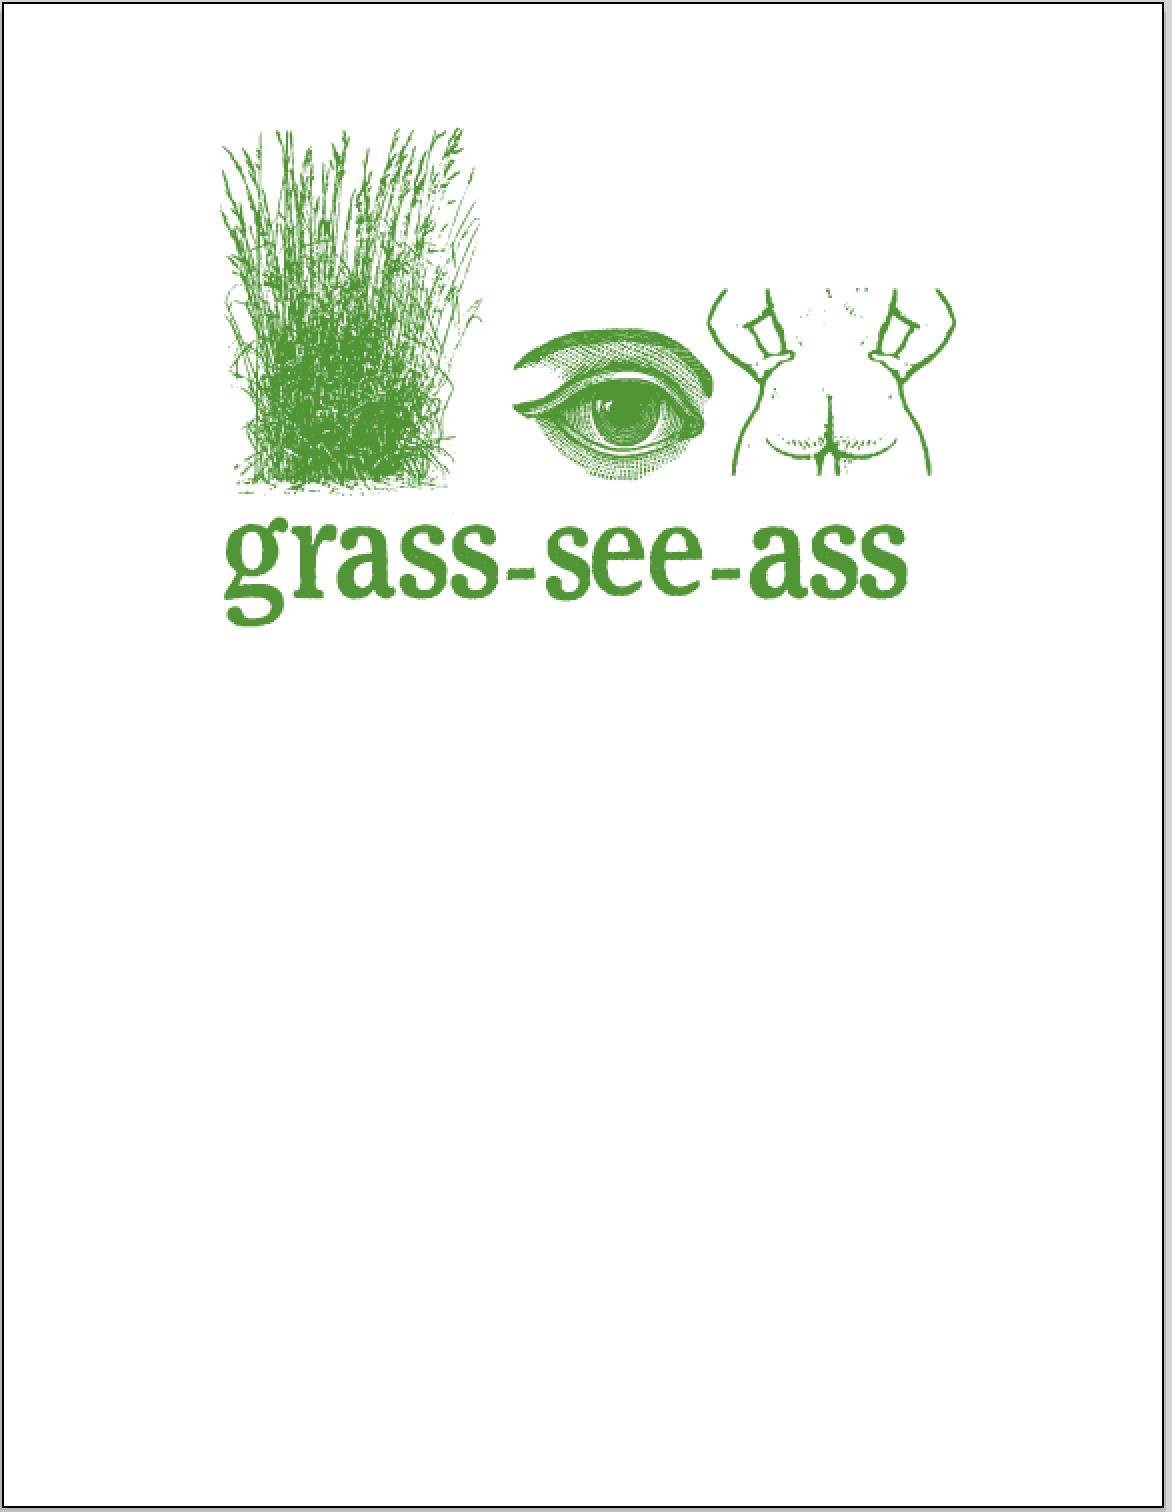 grass see ass